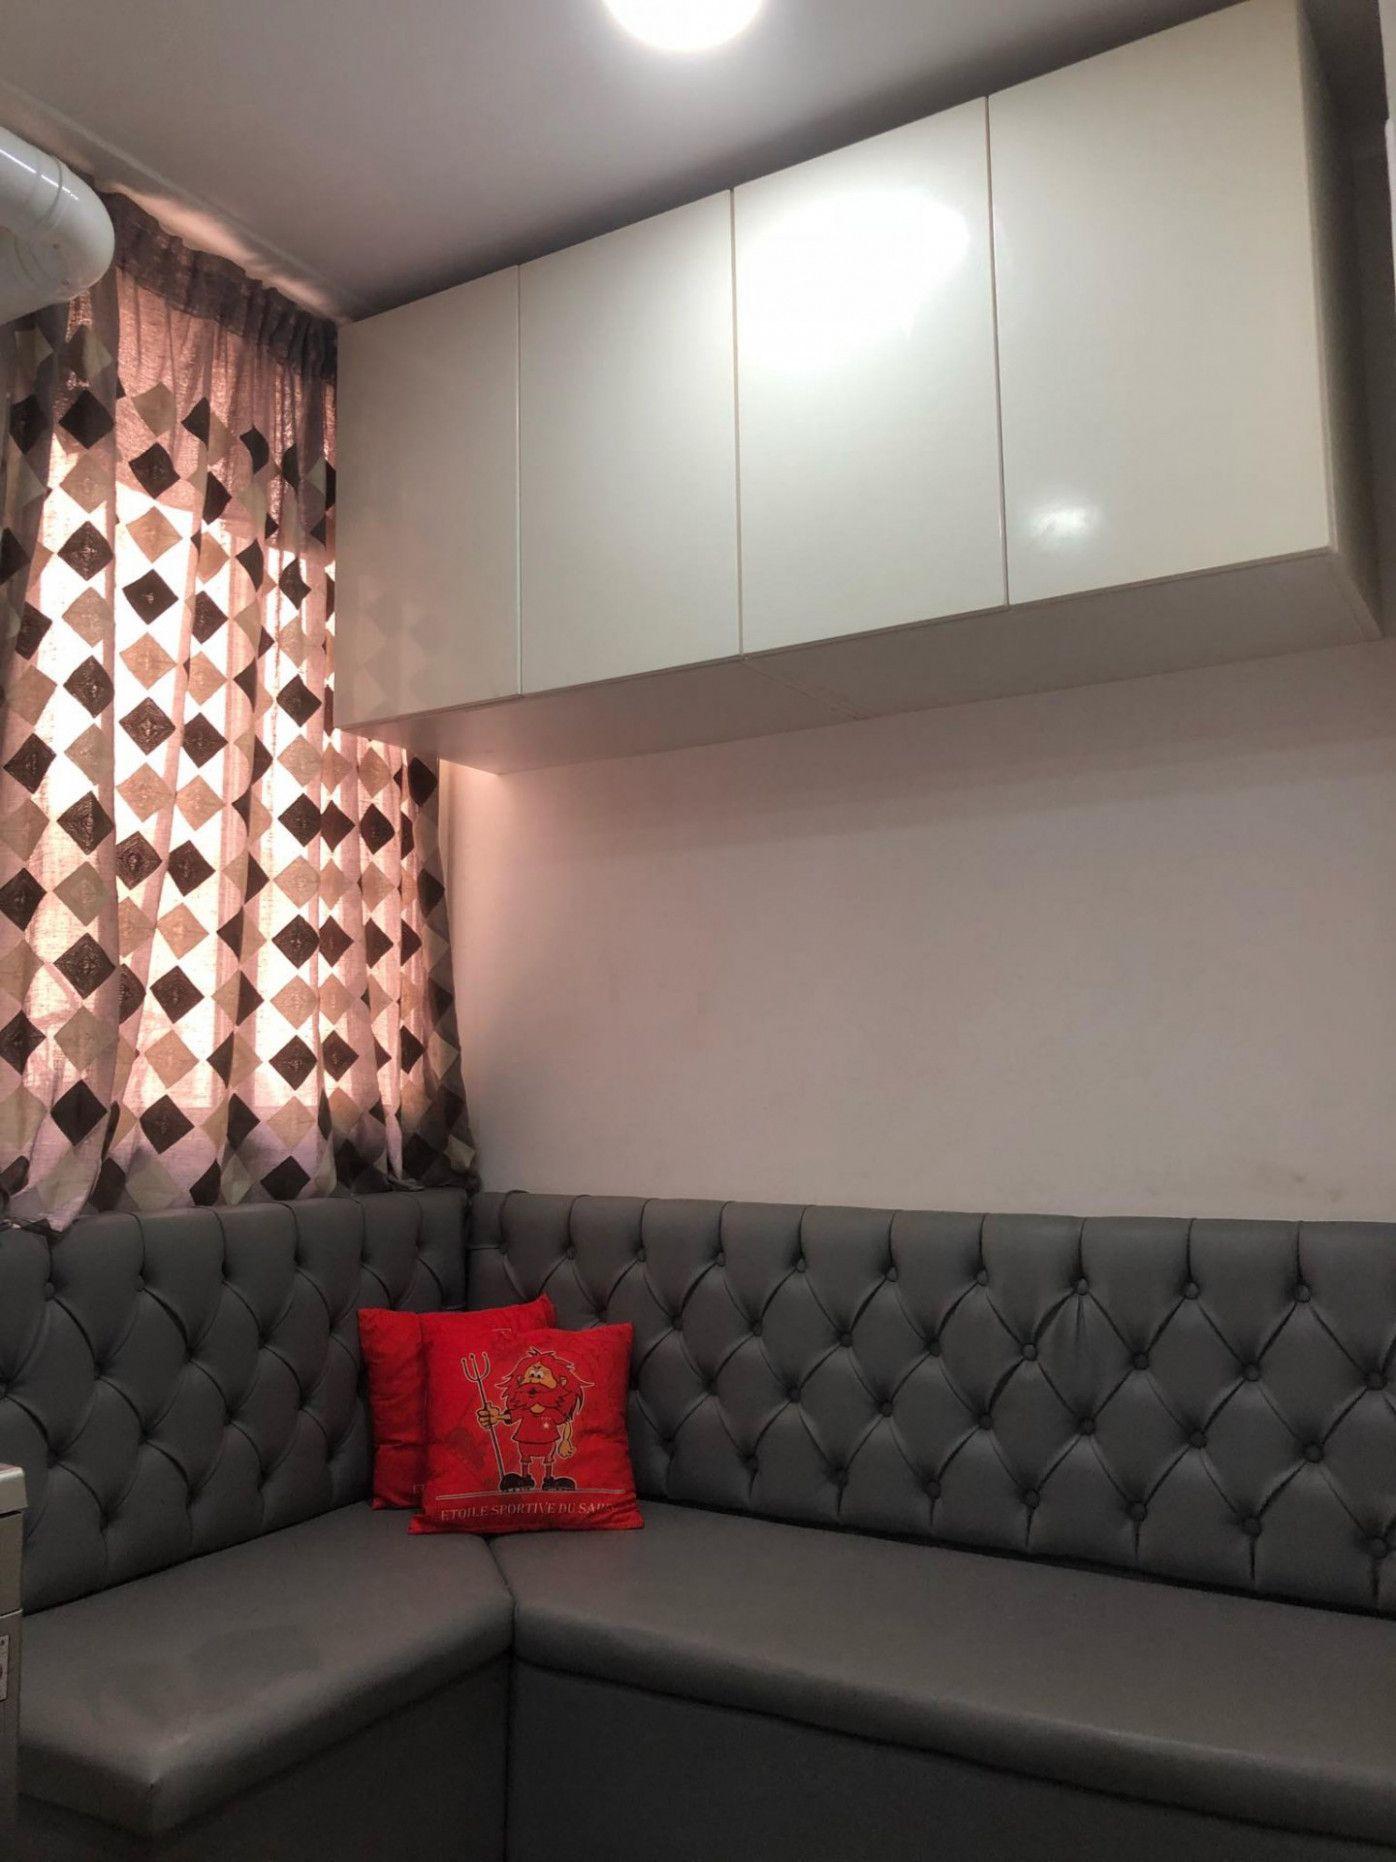 Idéal Meubles Tunisie Sousse   Home decor, Furniture, Decor